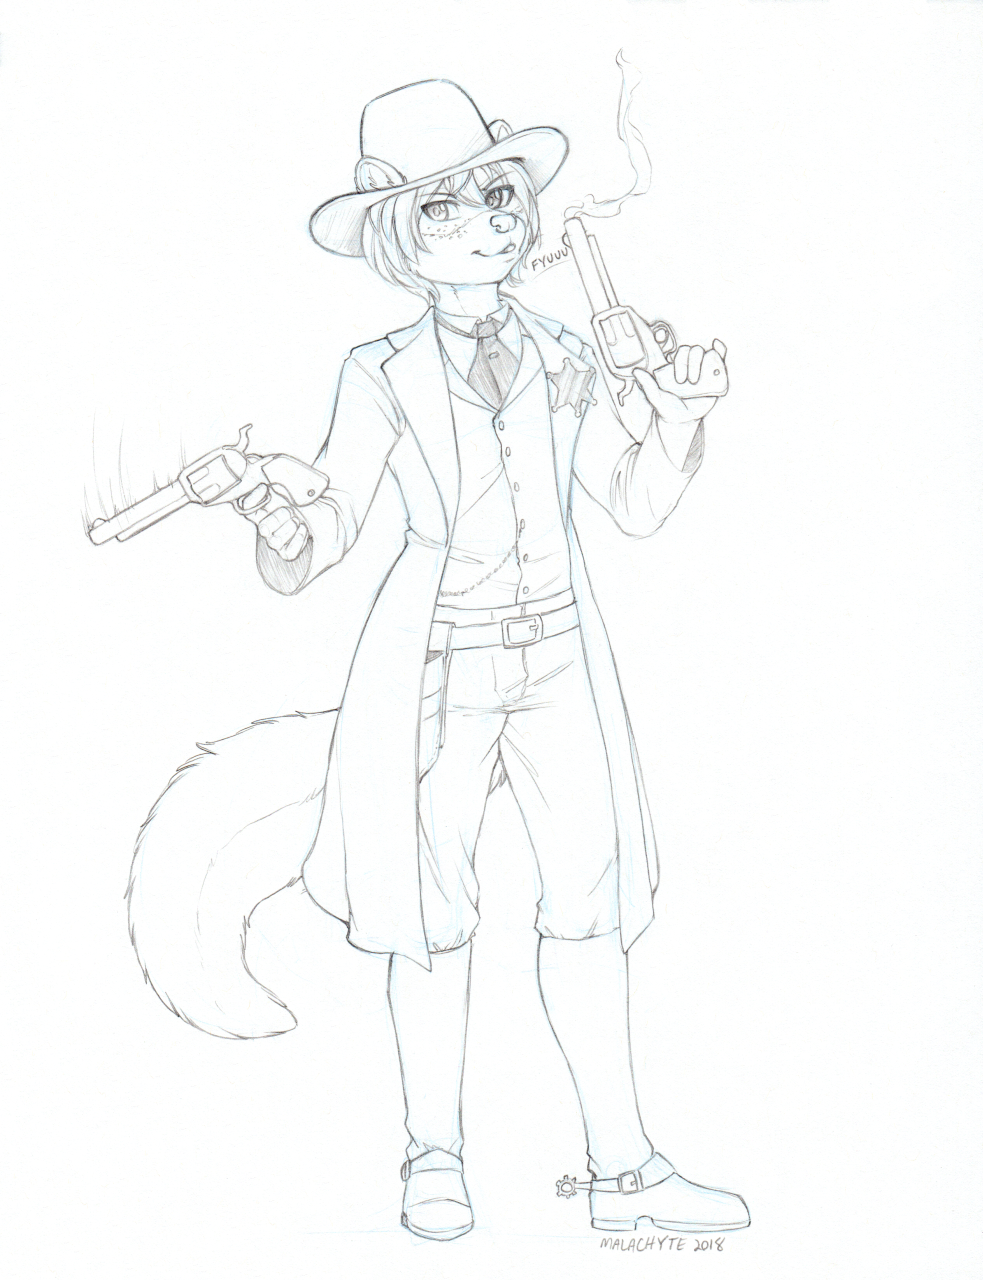 [CM] CyanideDieci Ferret Rough Sketch